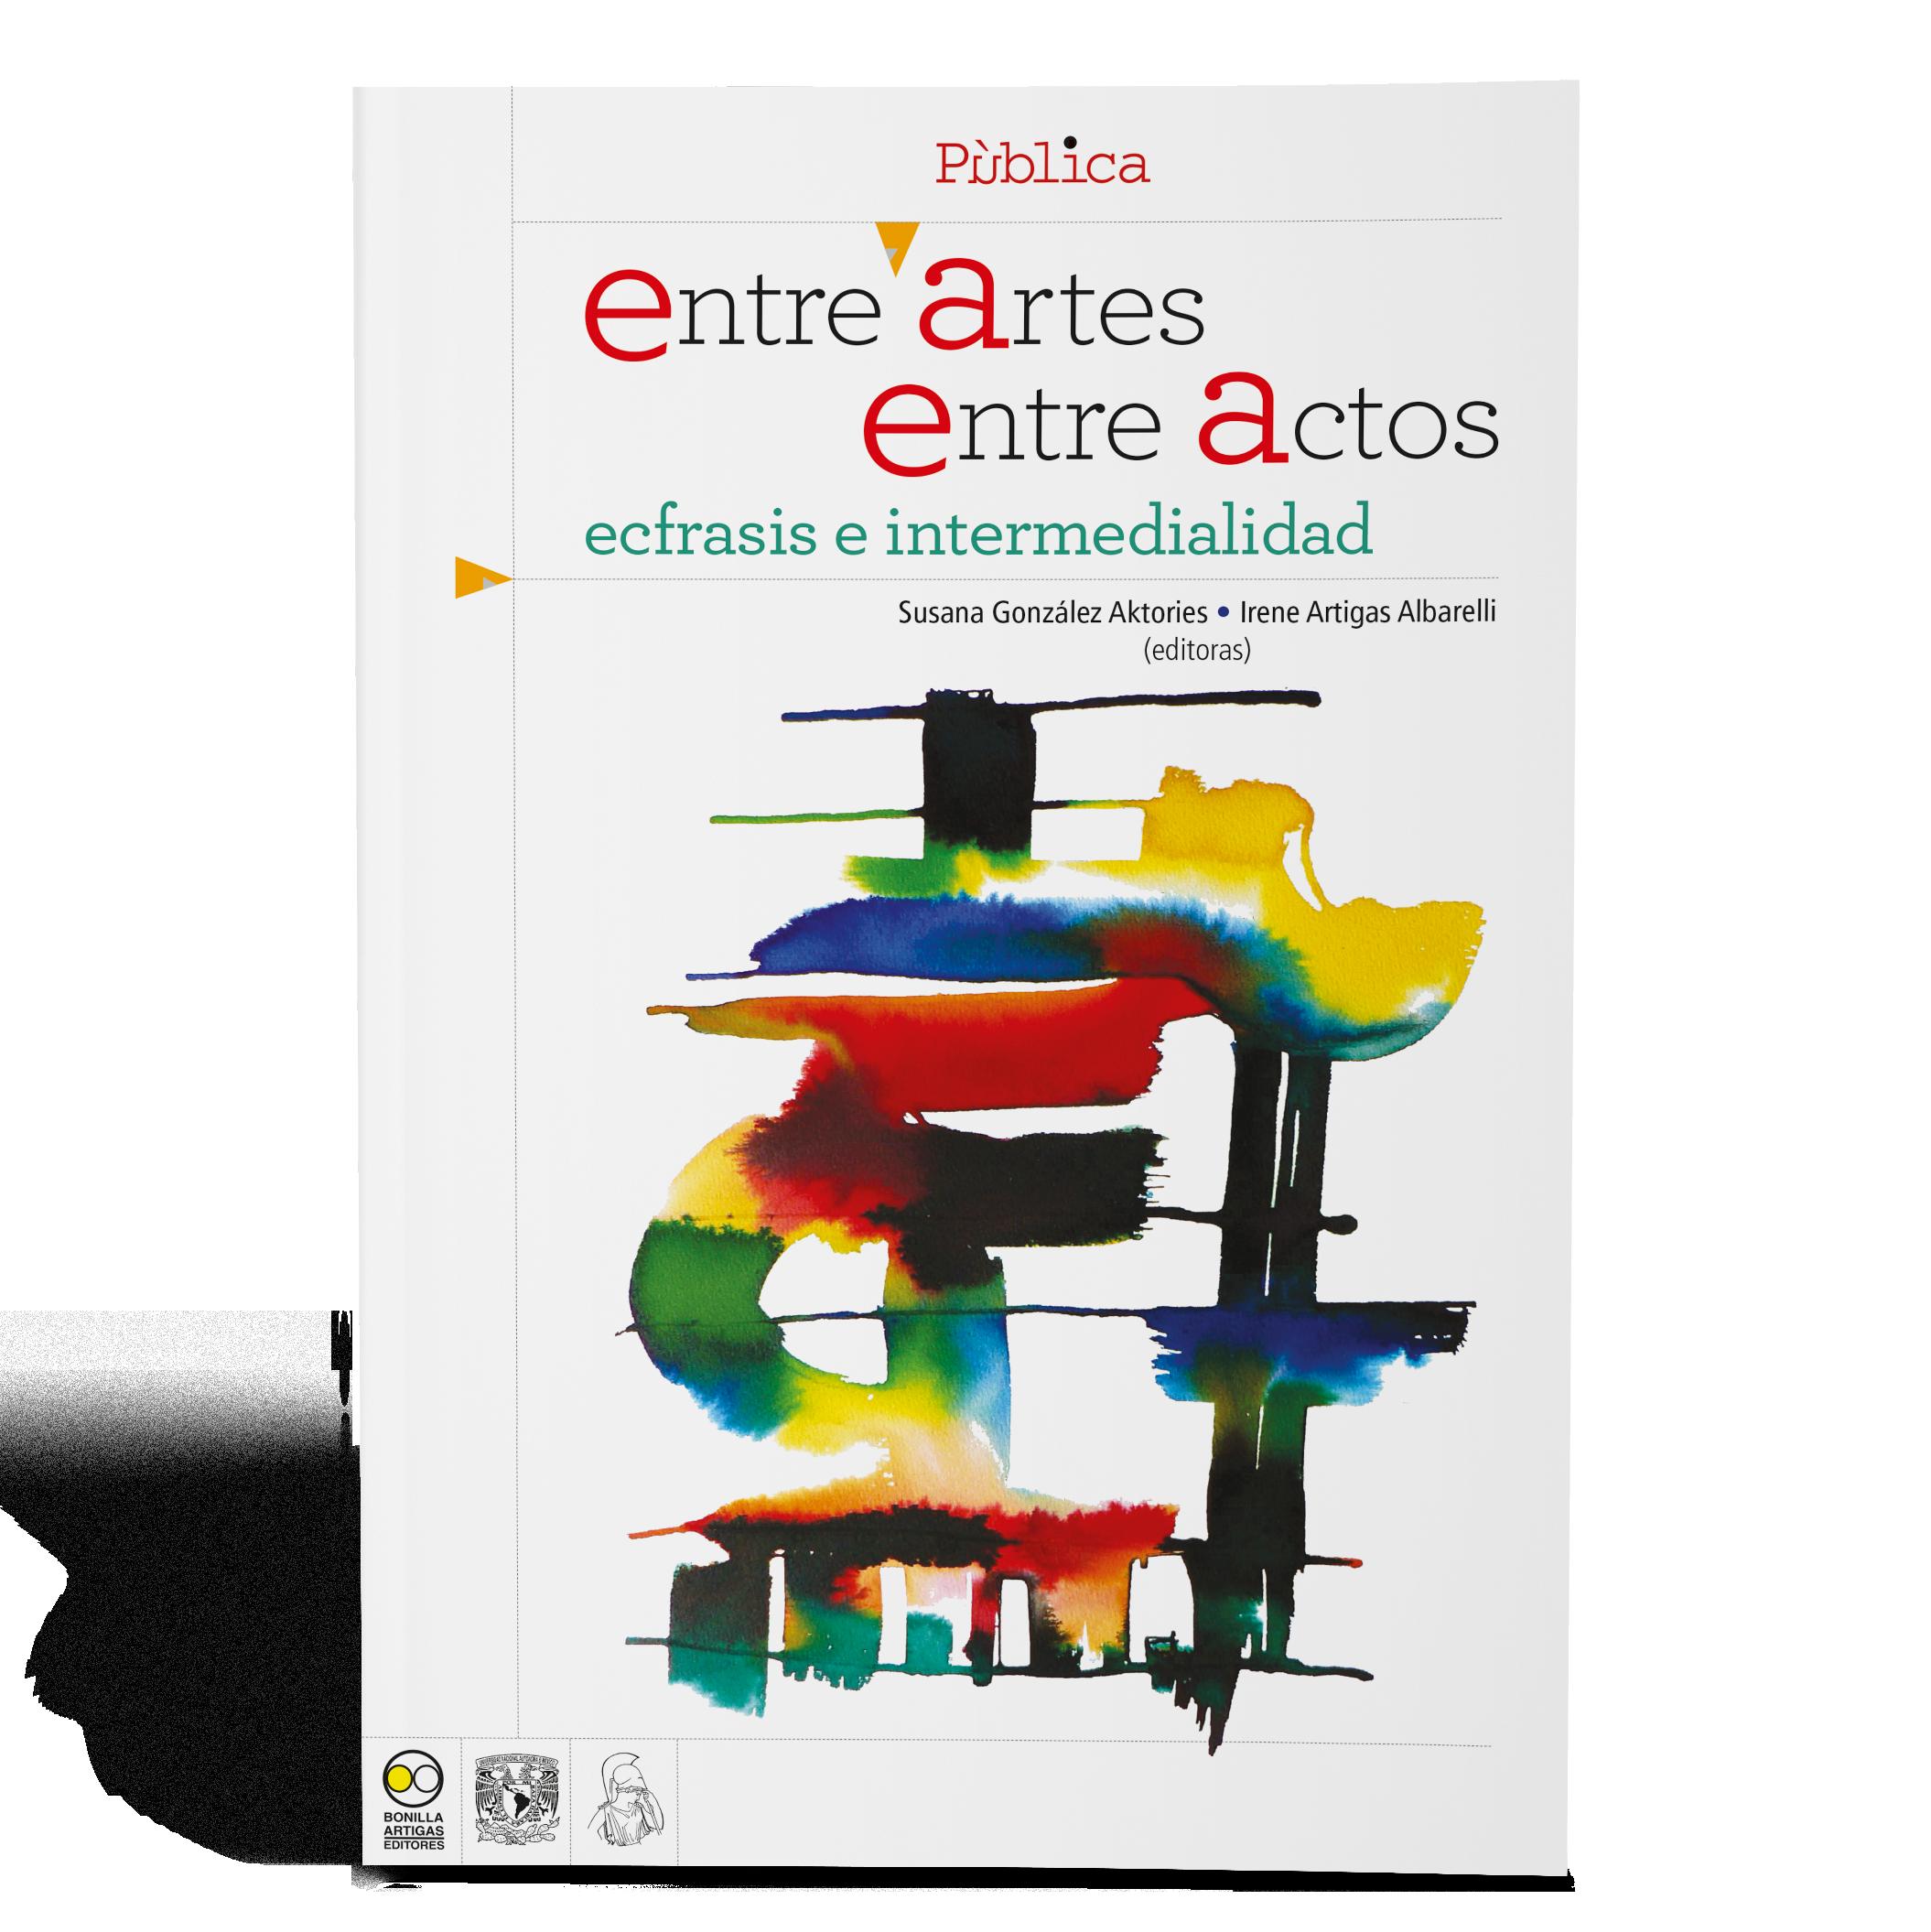 Ecfrasis